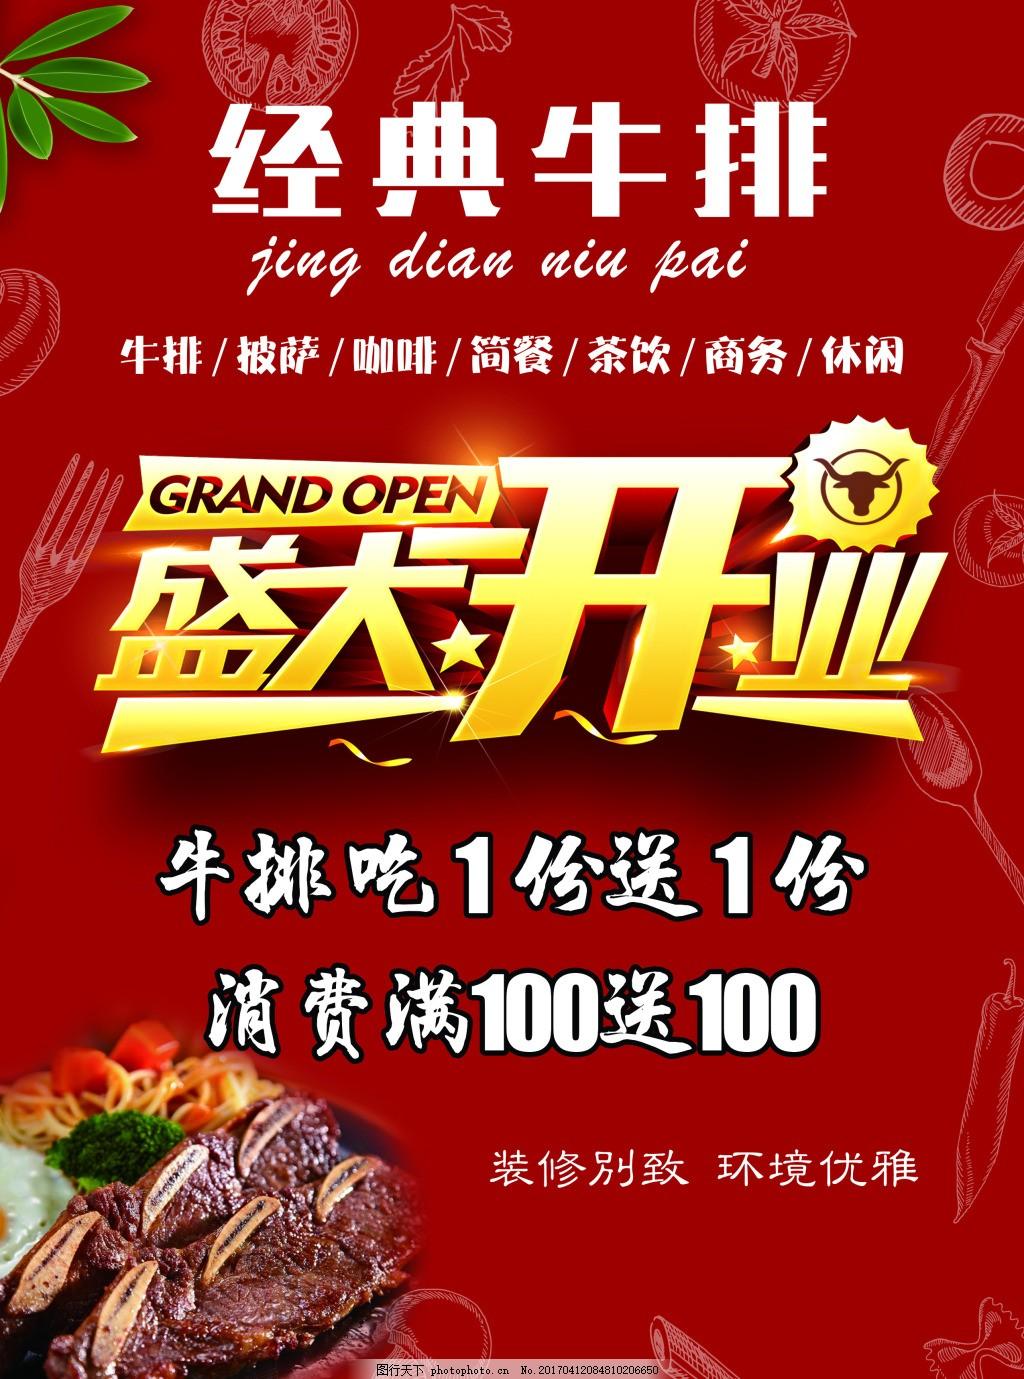 牛排西餐厅宣传单 盛大开业 蔬菜暗纹 叉子 树叶 暗红色背景 黄色立体图片